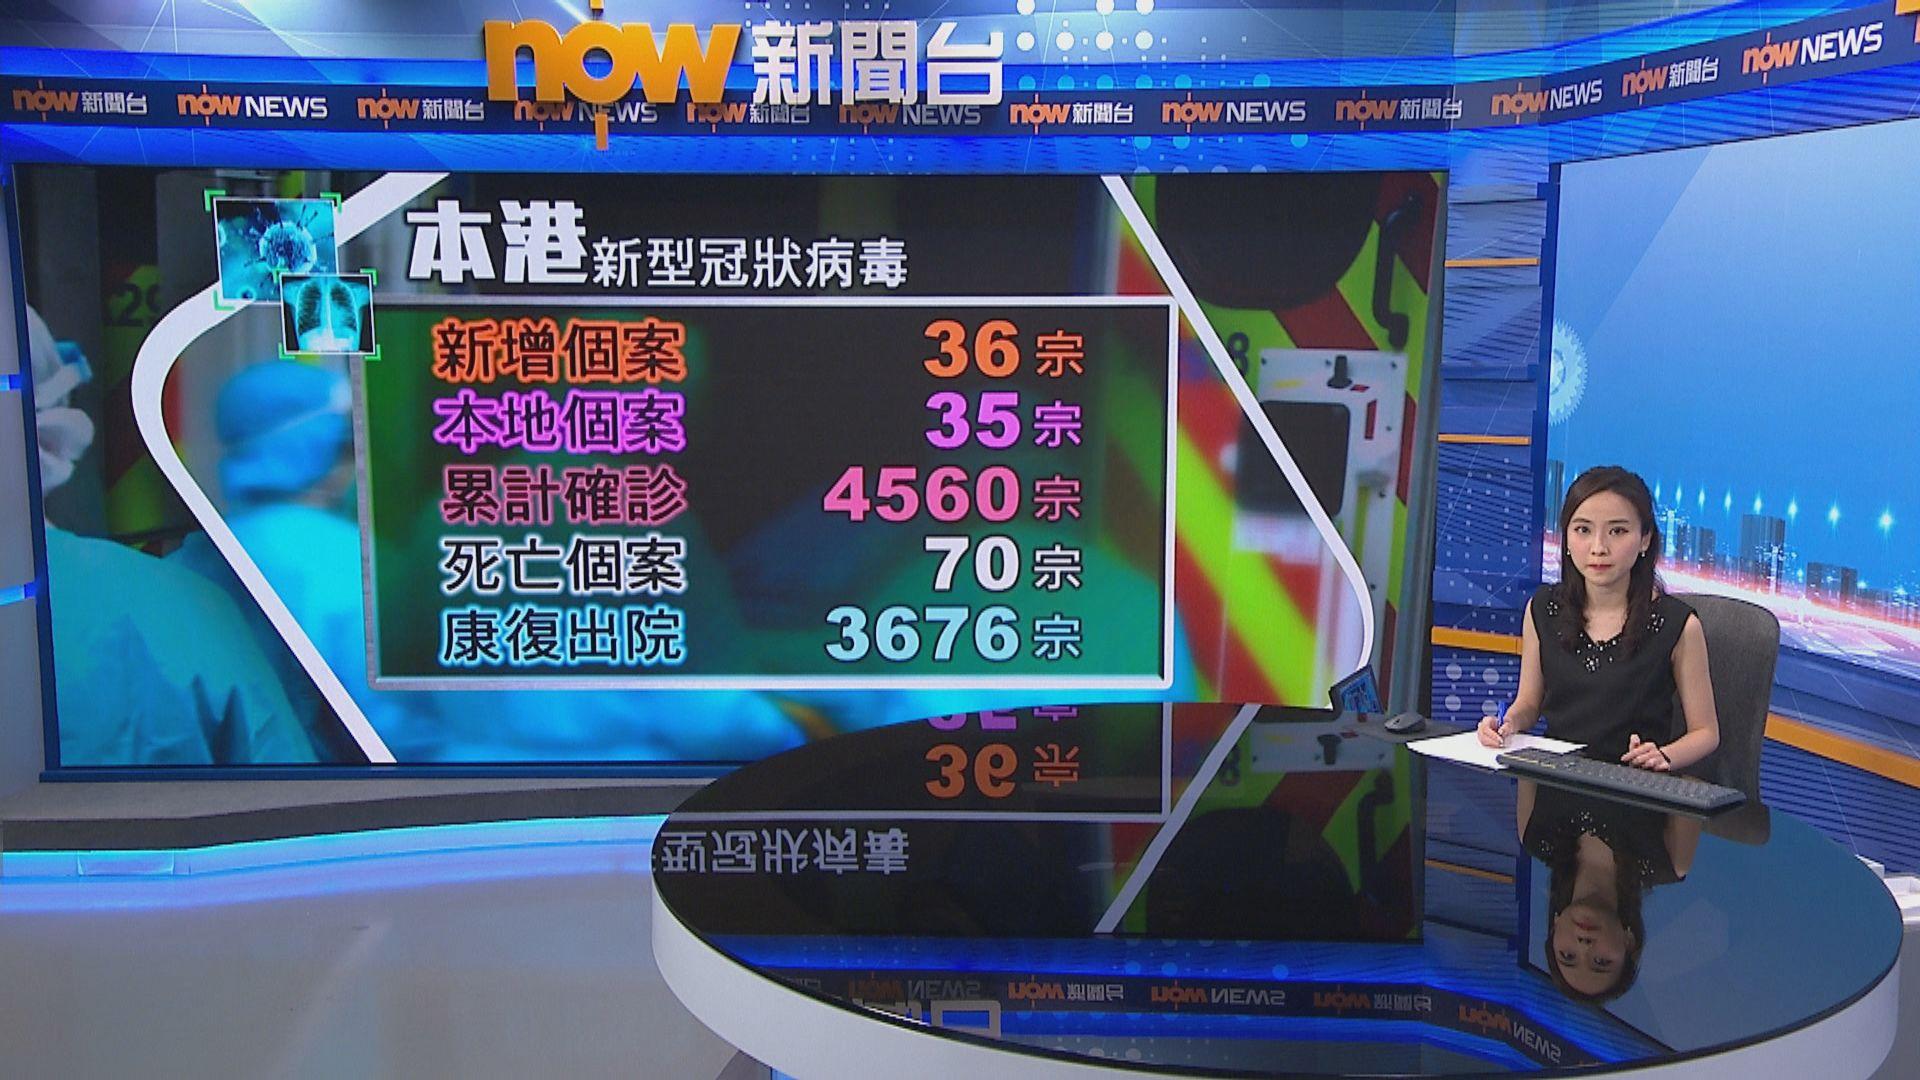 本港增36宗確診 葵涌貨櫃碼頭多一人確診